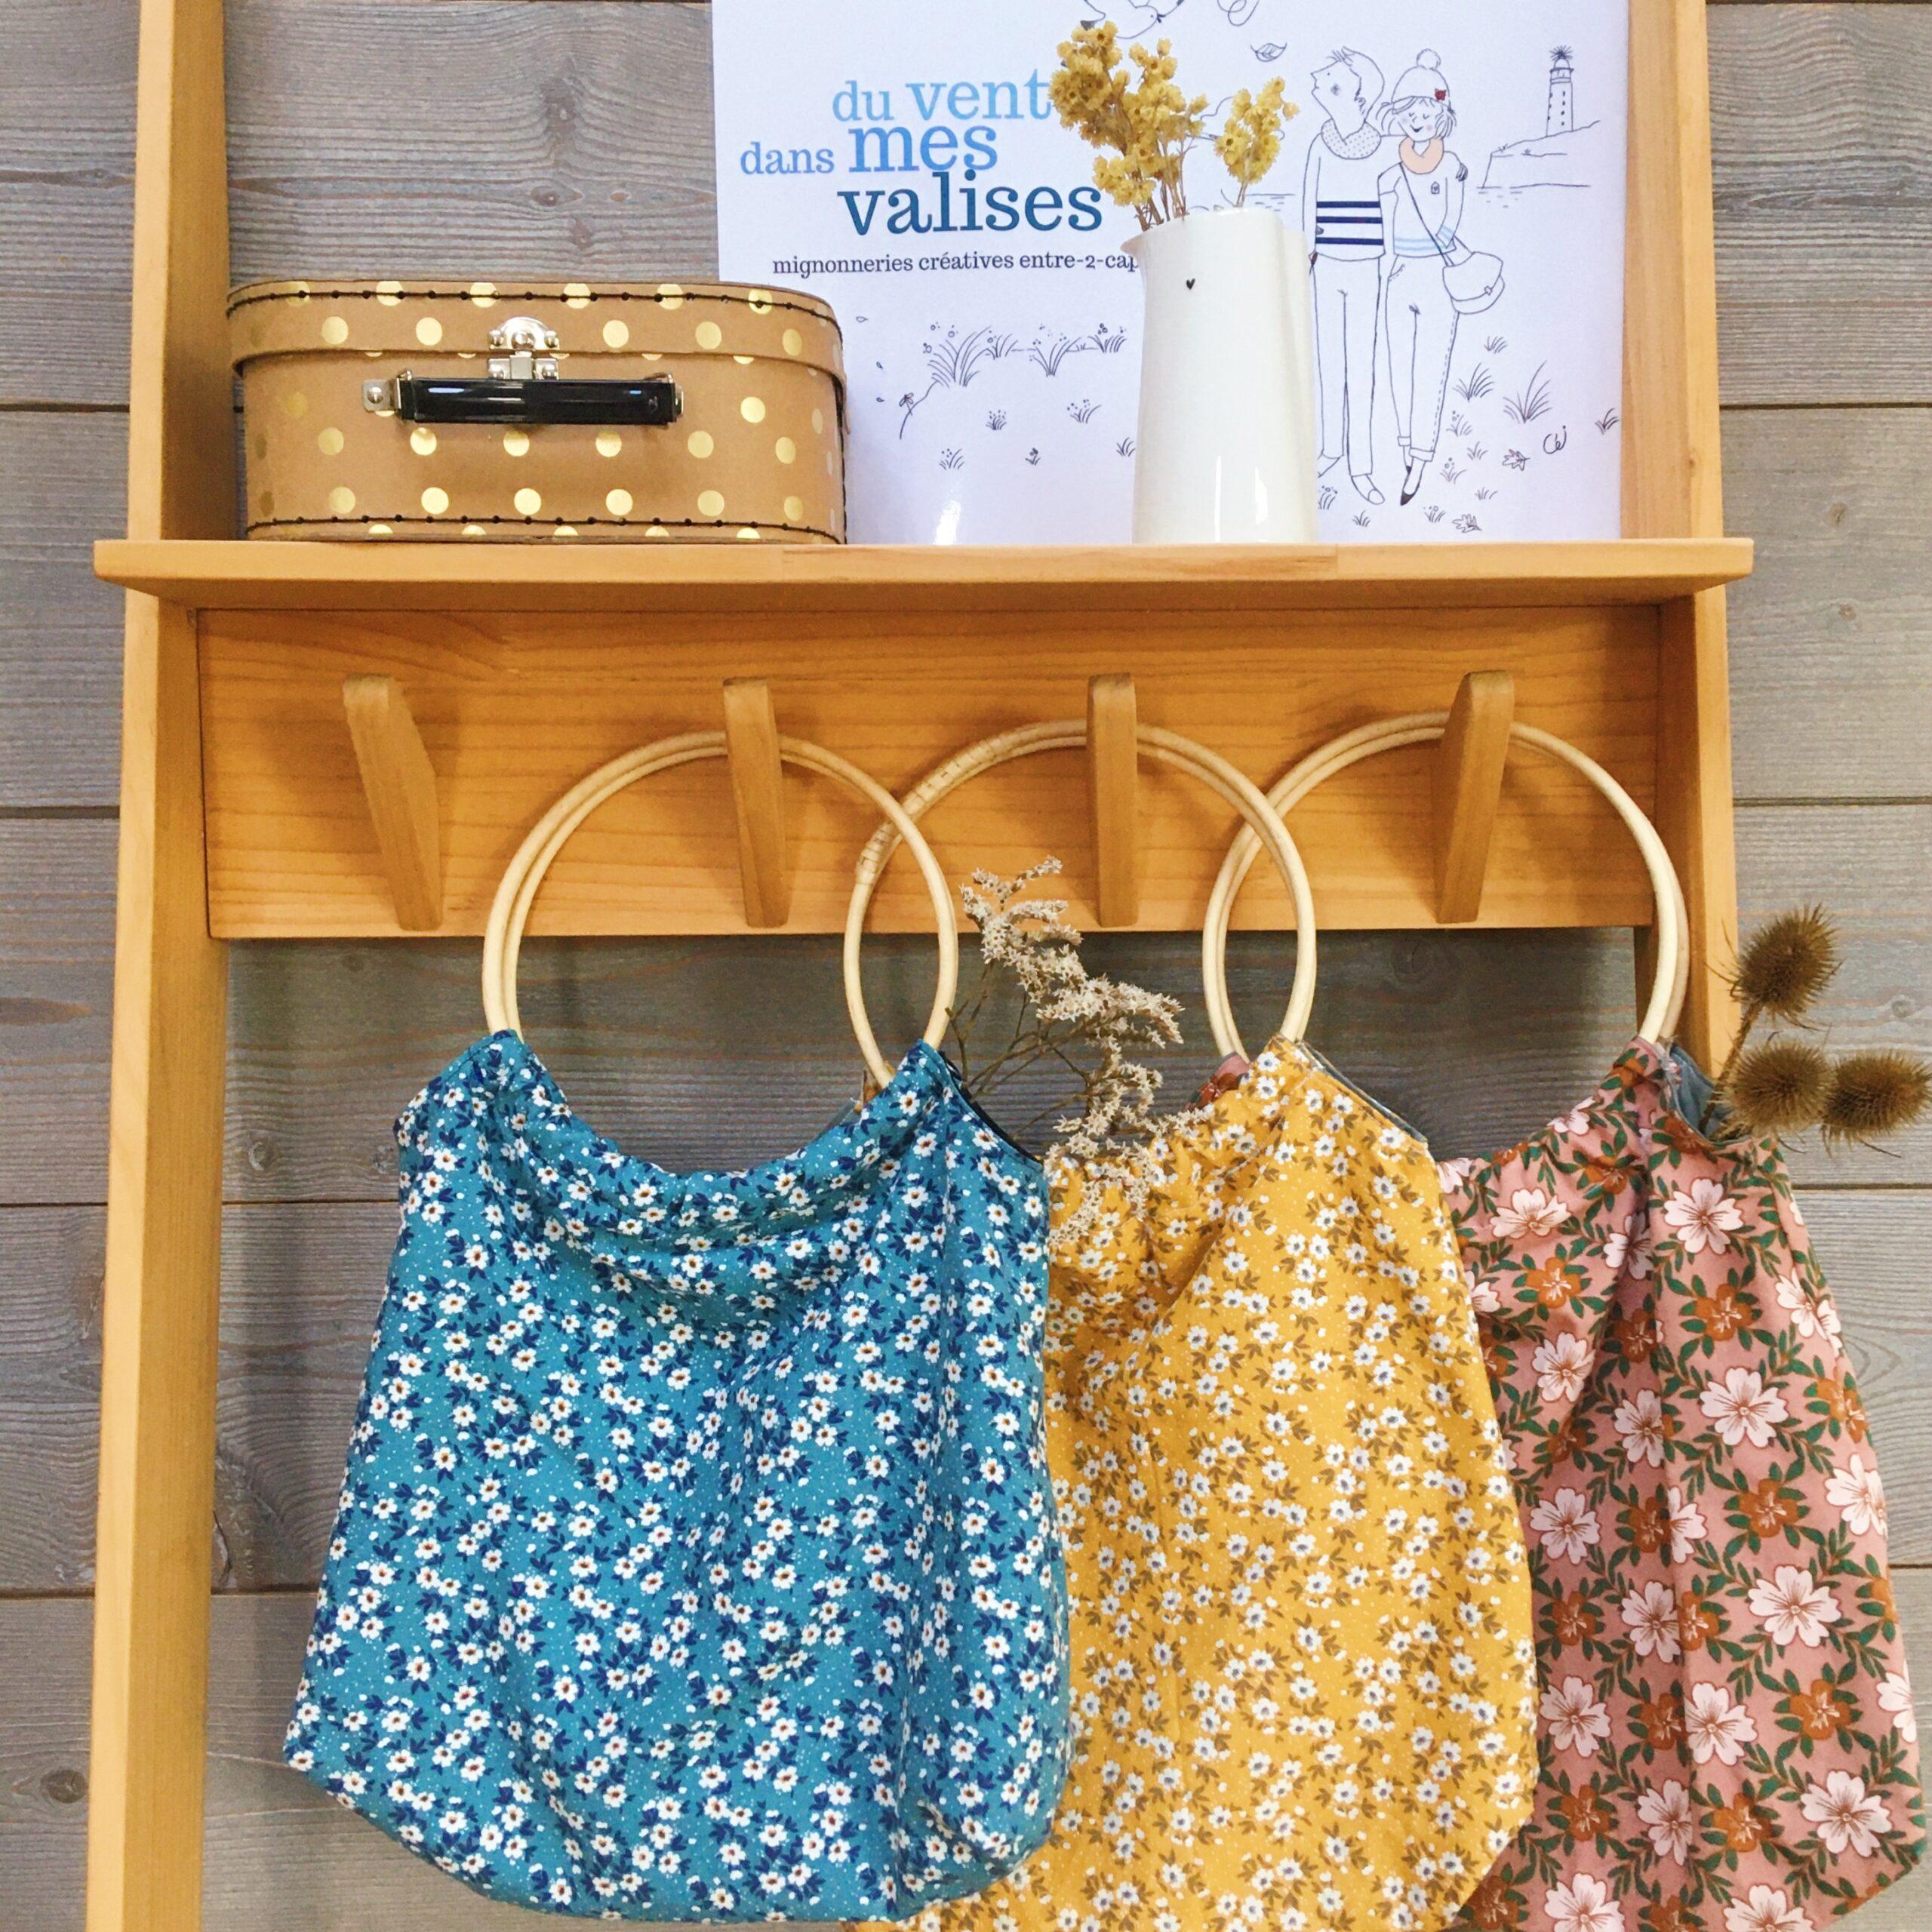 les sacs Paulette confectionnés en France avec anses rondes en osier et coton épais imprimé fleuri, poiche intérieur et doublure en coton bio - du vent dans mes valises